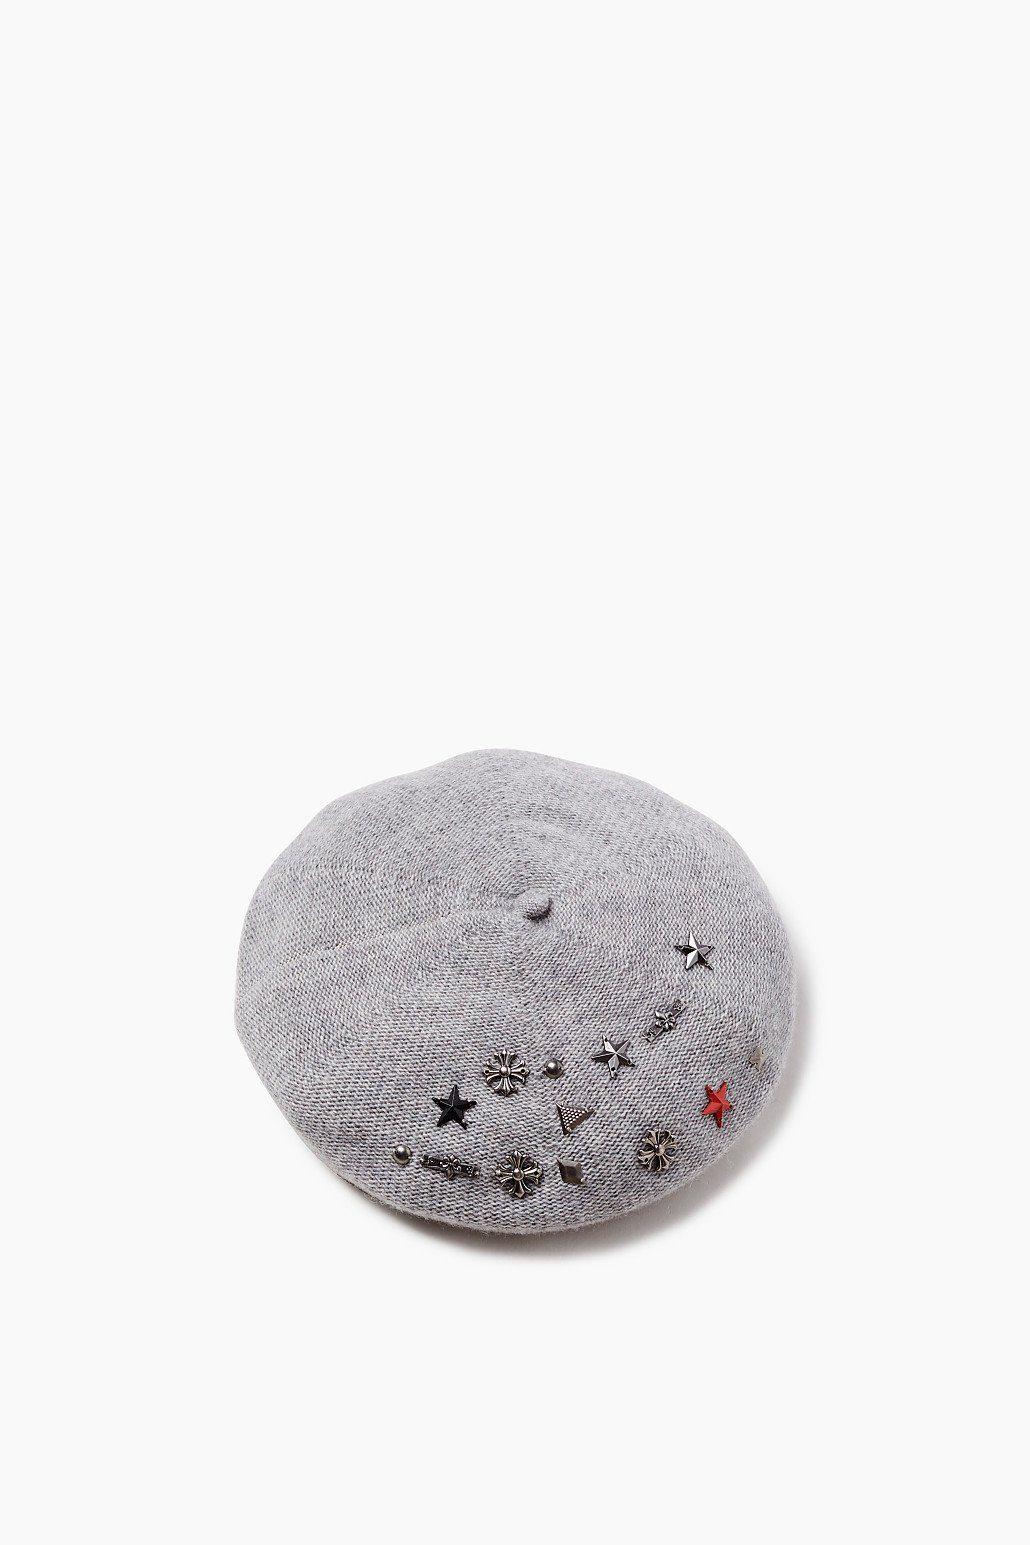 ESPRIT CASUAL Barett mit Nieten, aus Woll-Mix